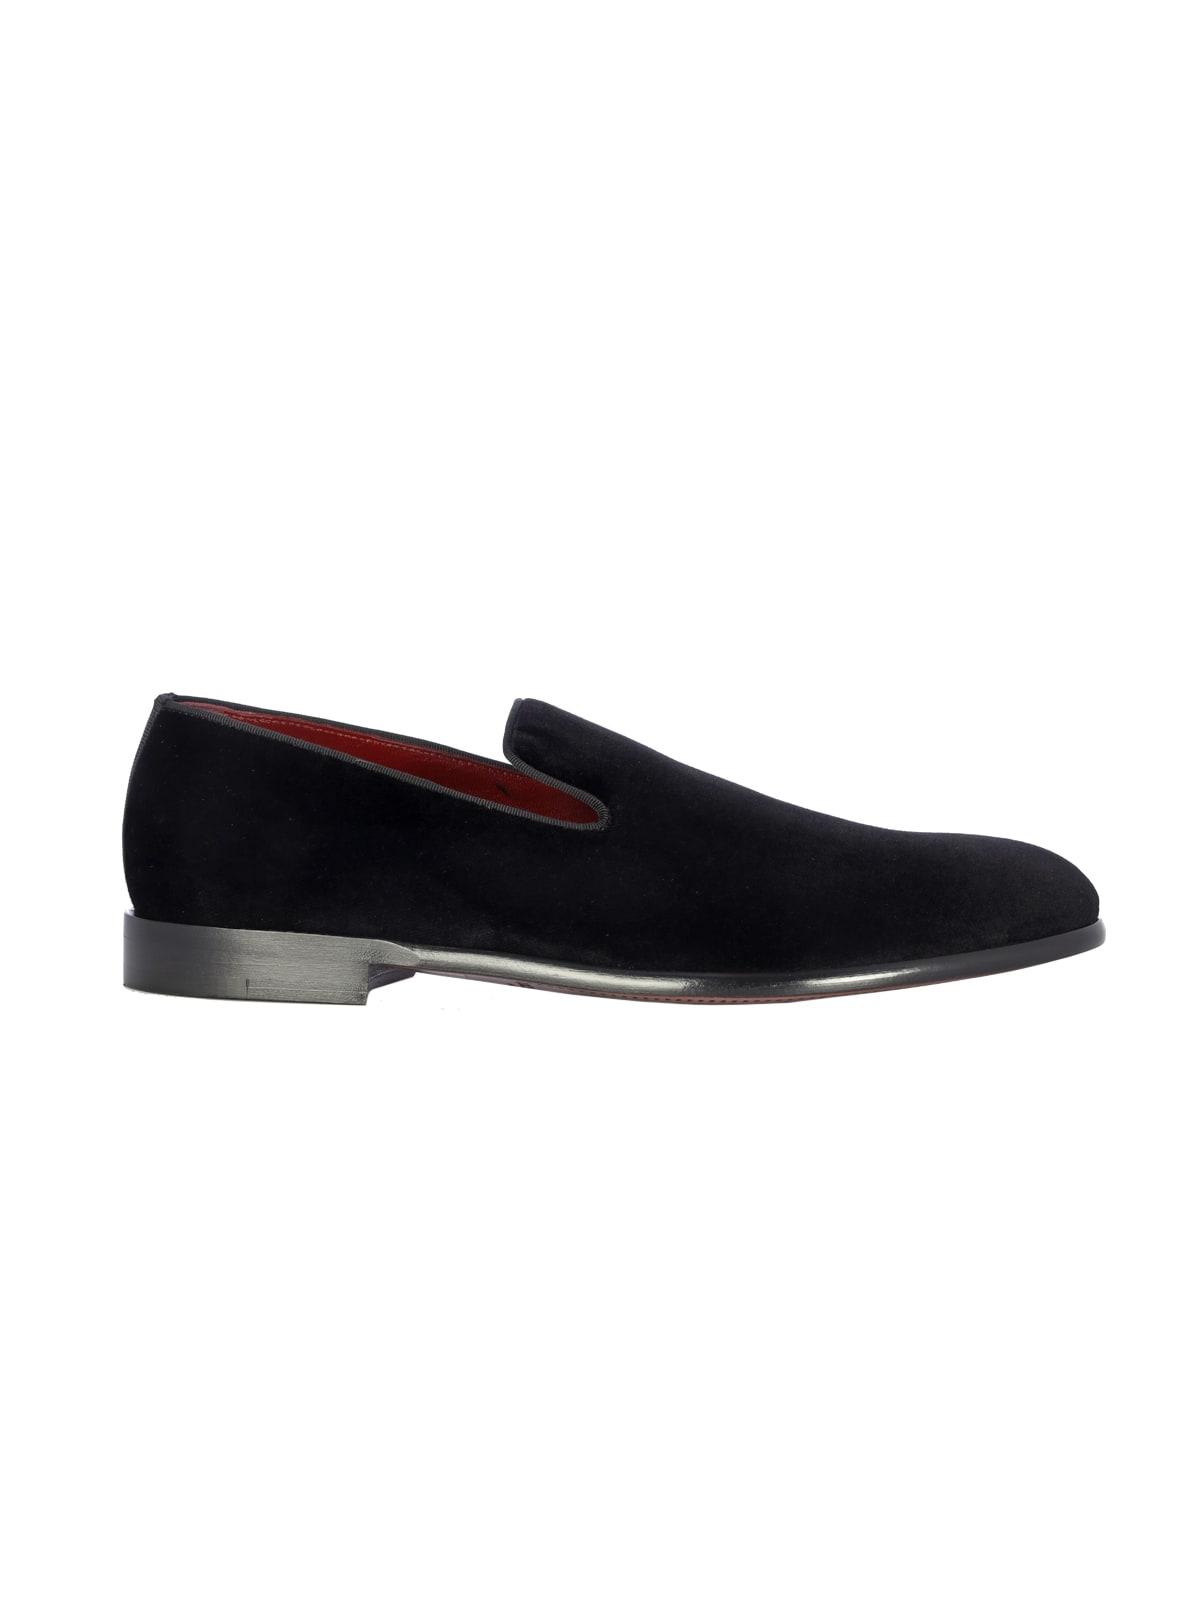 Dolce & Gabbana Milano Loafer